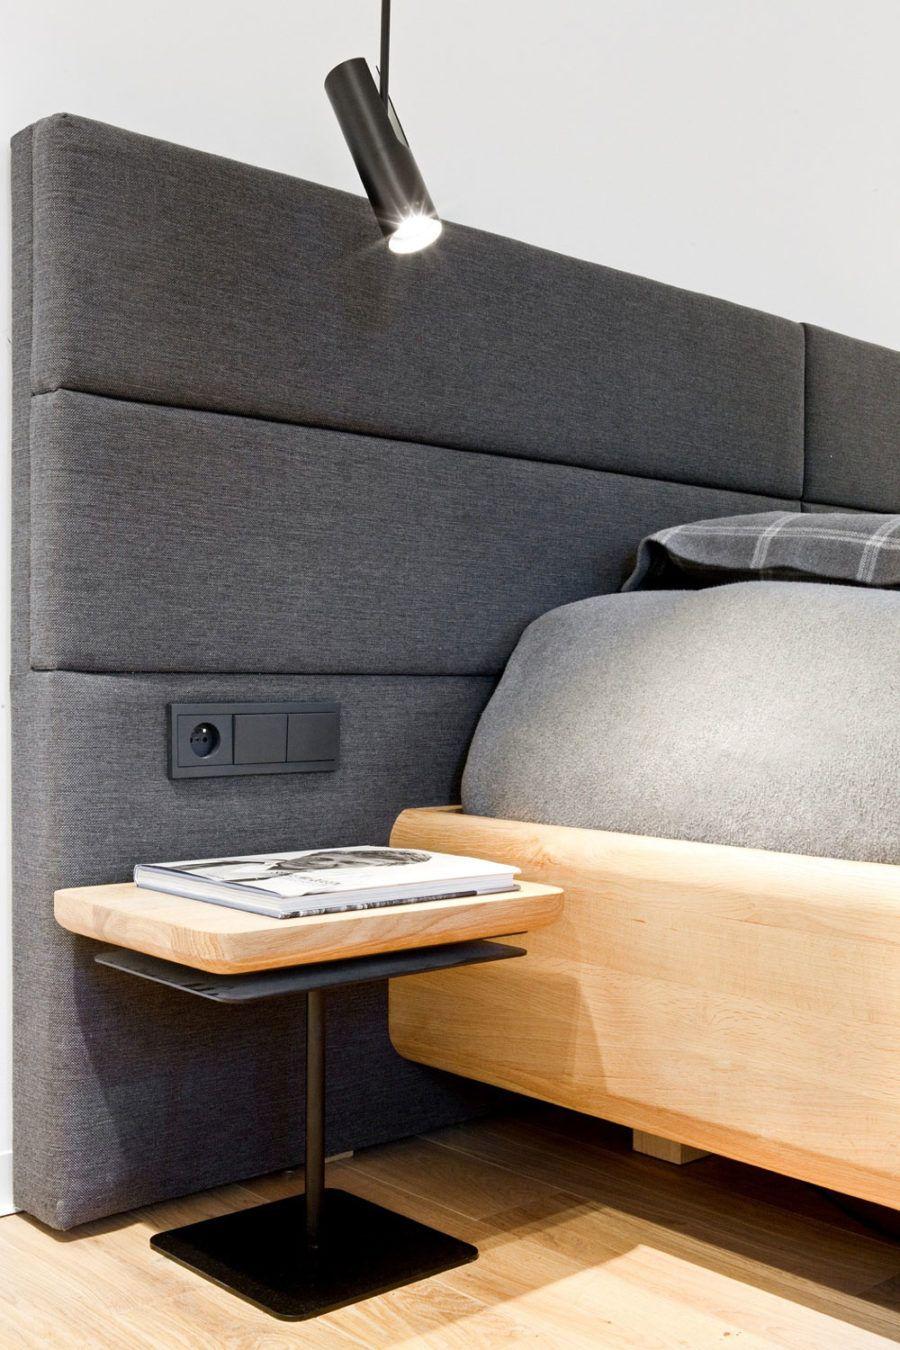 Contemporary Polish Home verwendet Textur und Farbe als